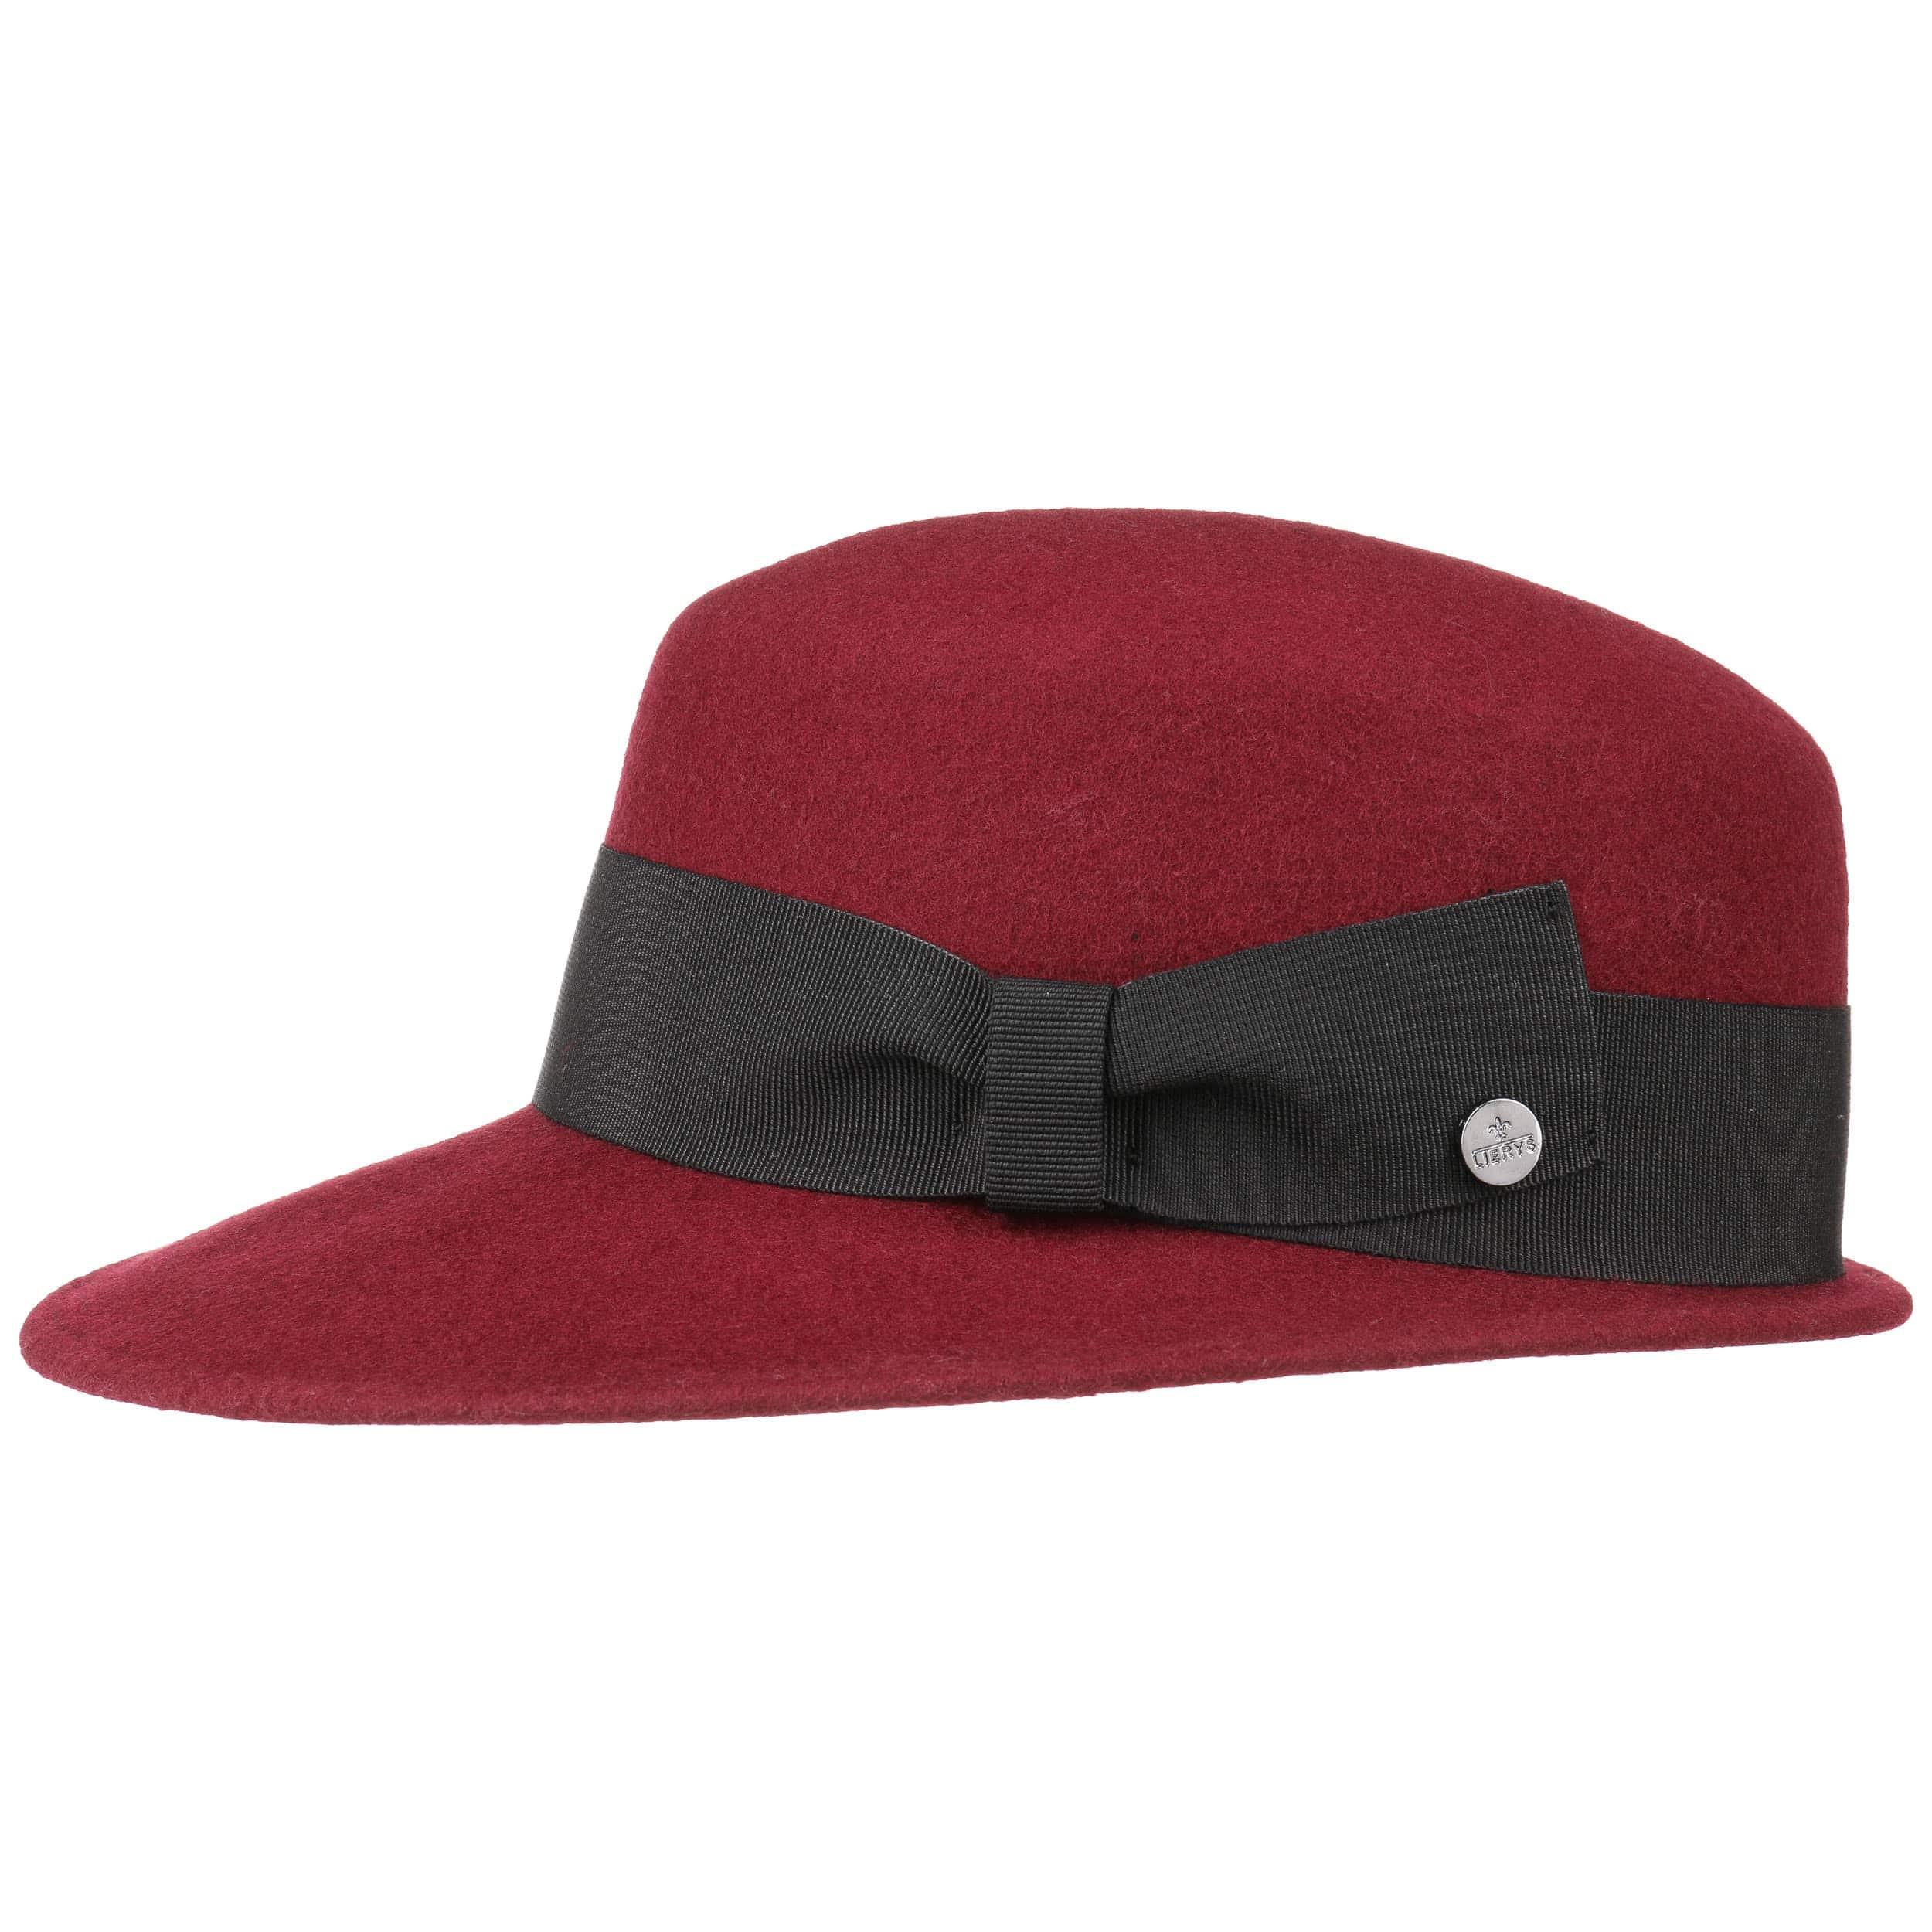 16804f73362e7 Sombrero Fieltro Mujer Melissa by Lierys - Sombreros - sombreroshop.es